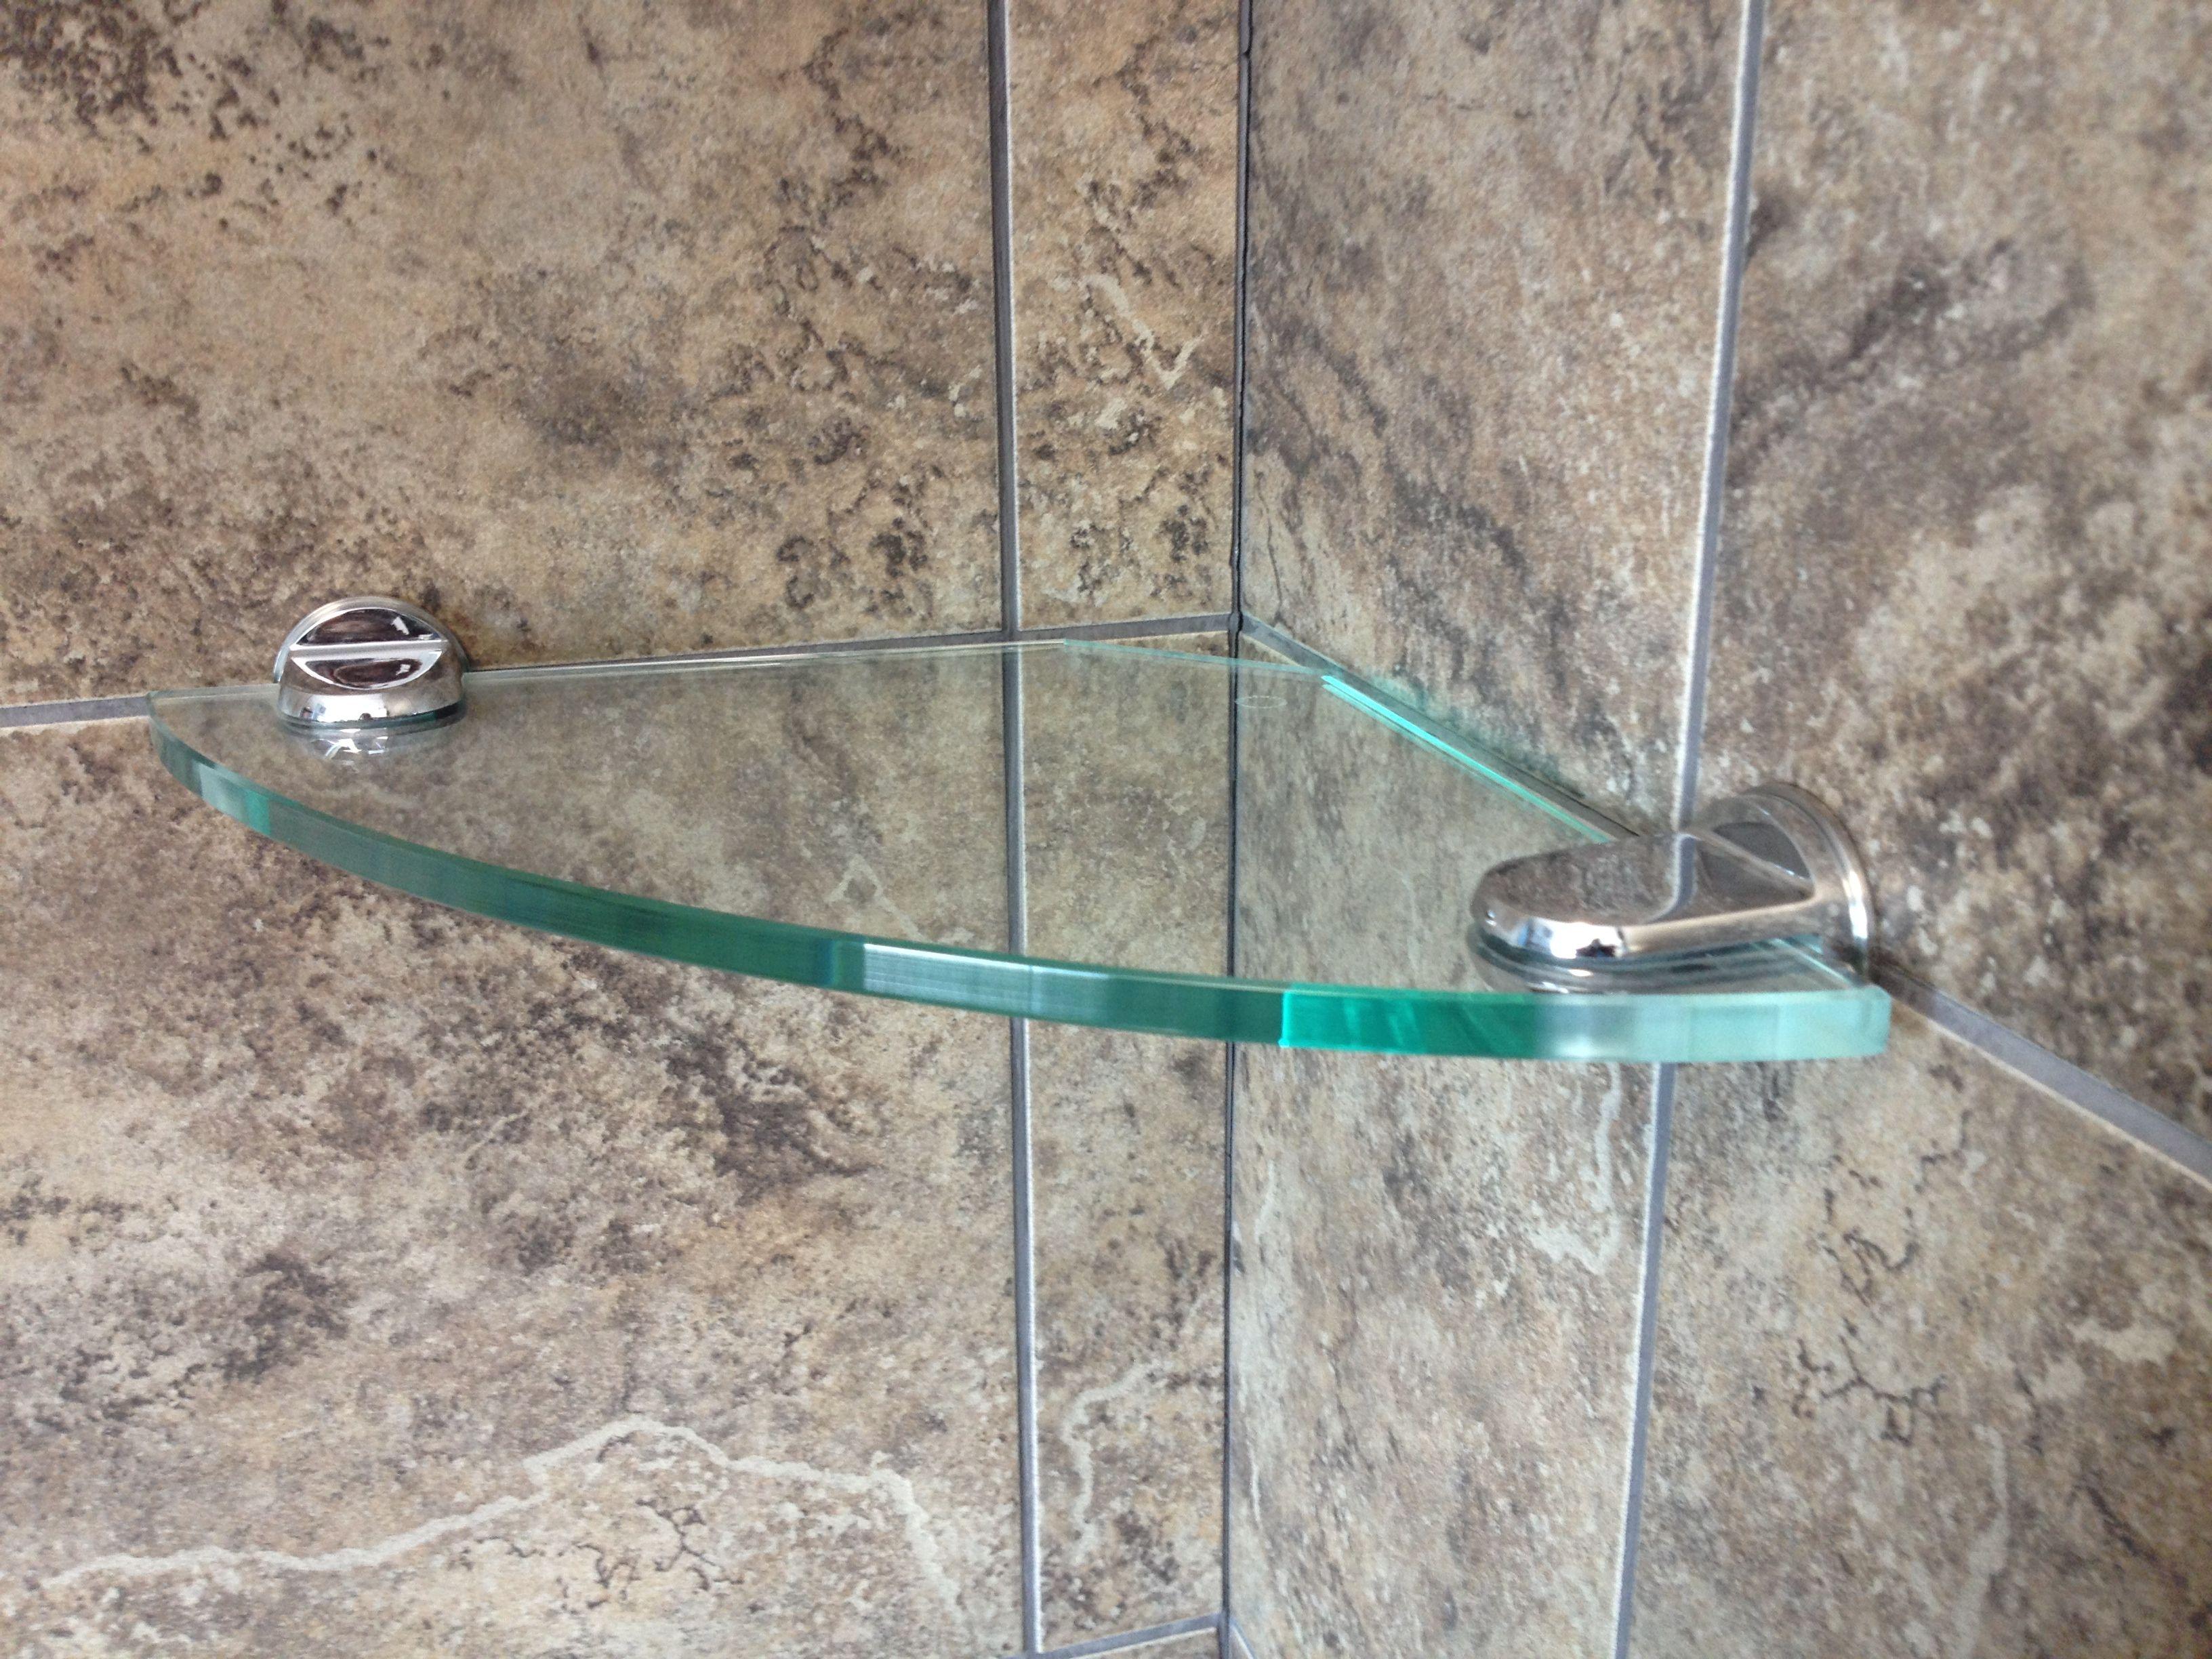 Tempered Glass Shower Shelves Https Www Otoseriilan Com In 2020 Glass Bathroom Glass Shelves Glass Shower Shelves